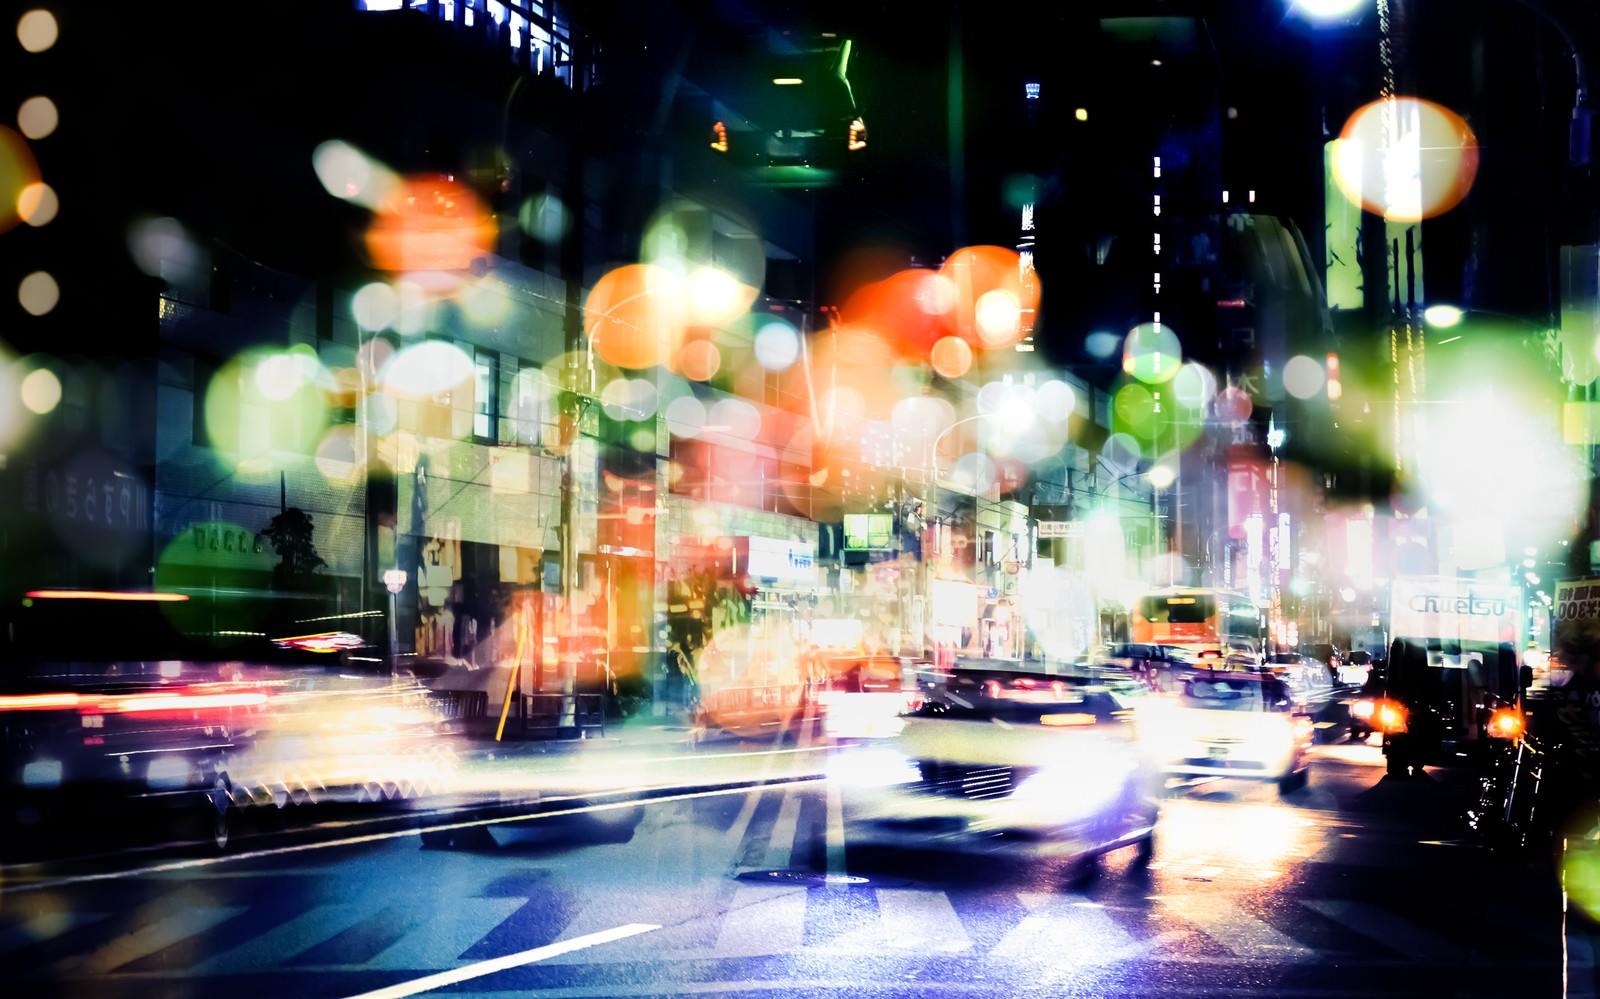 「交通量が多い街(フォトモンタージュ)」の写真